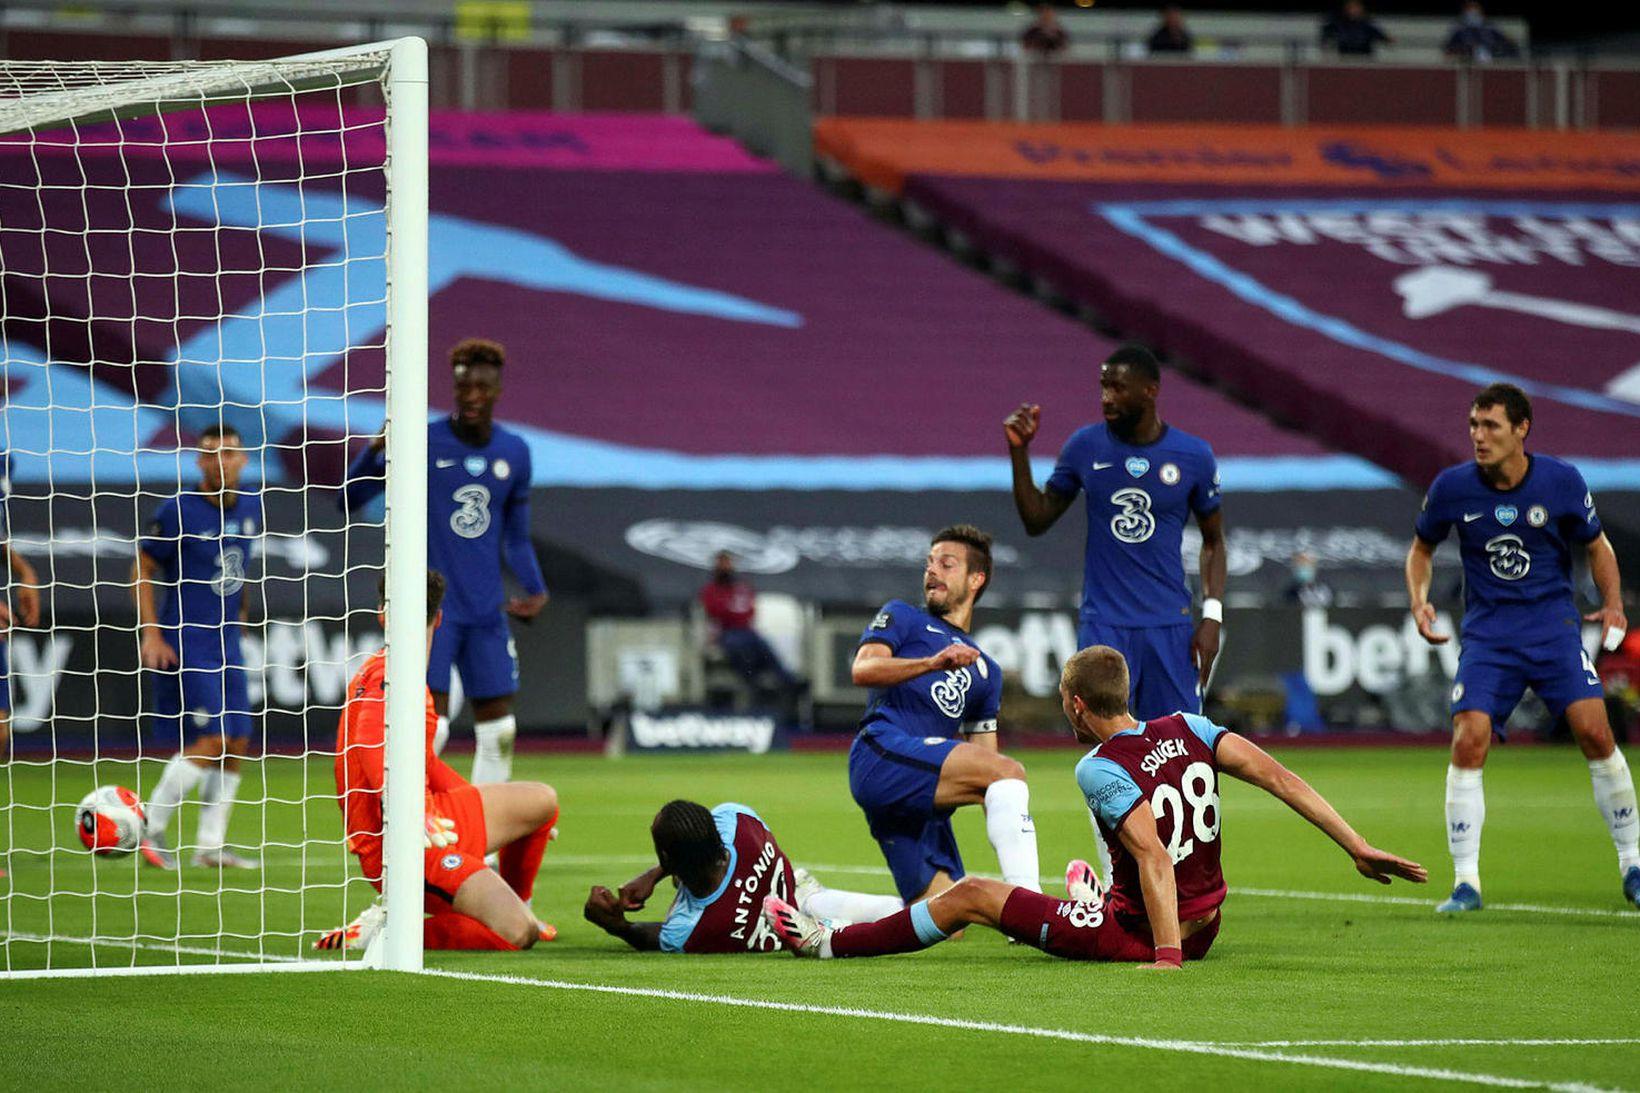 Tomás Soucek skorar fyrir West Ham gegn Chelsea í kvöld …